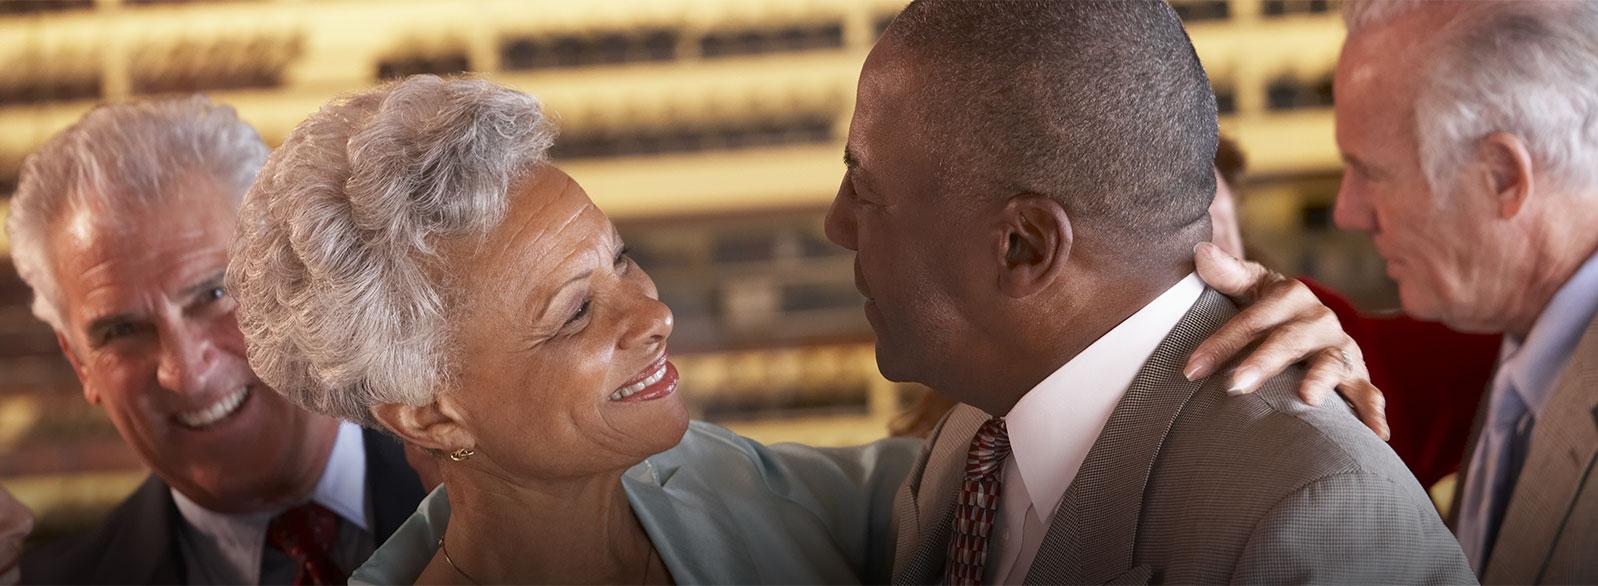 Em eventos ou situações nas quais você se encontra com outras pessoas, você ouve bem as conversas?